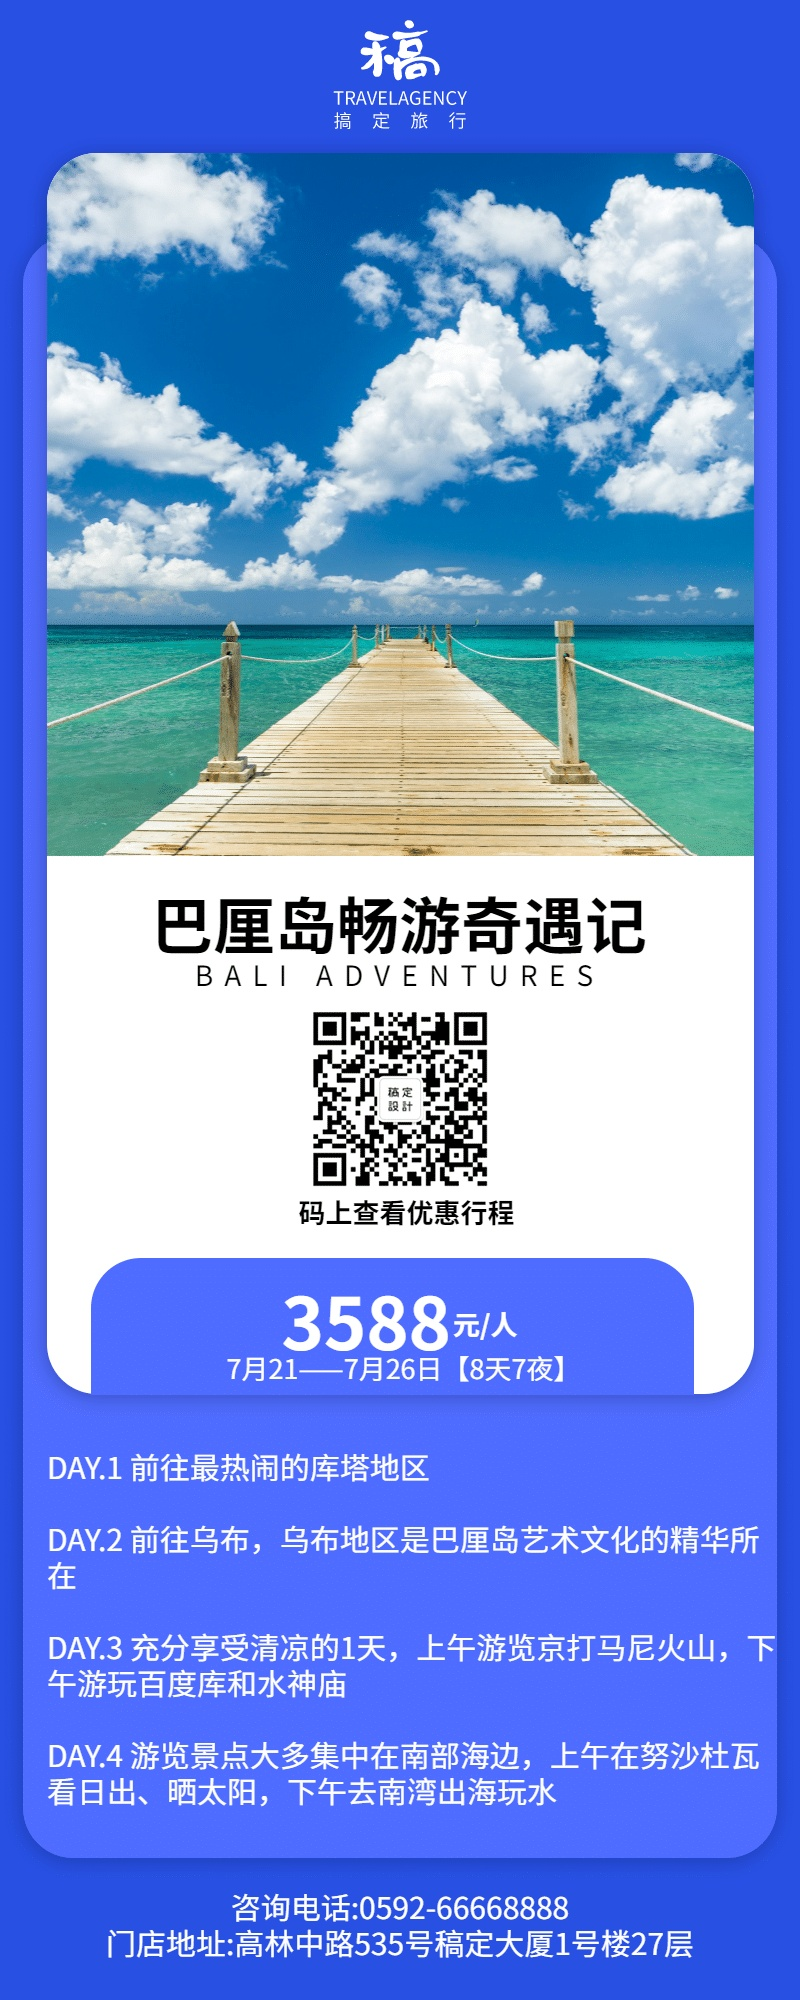 旅行/实景简约/项目介绍/长图海报